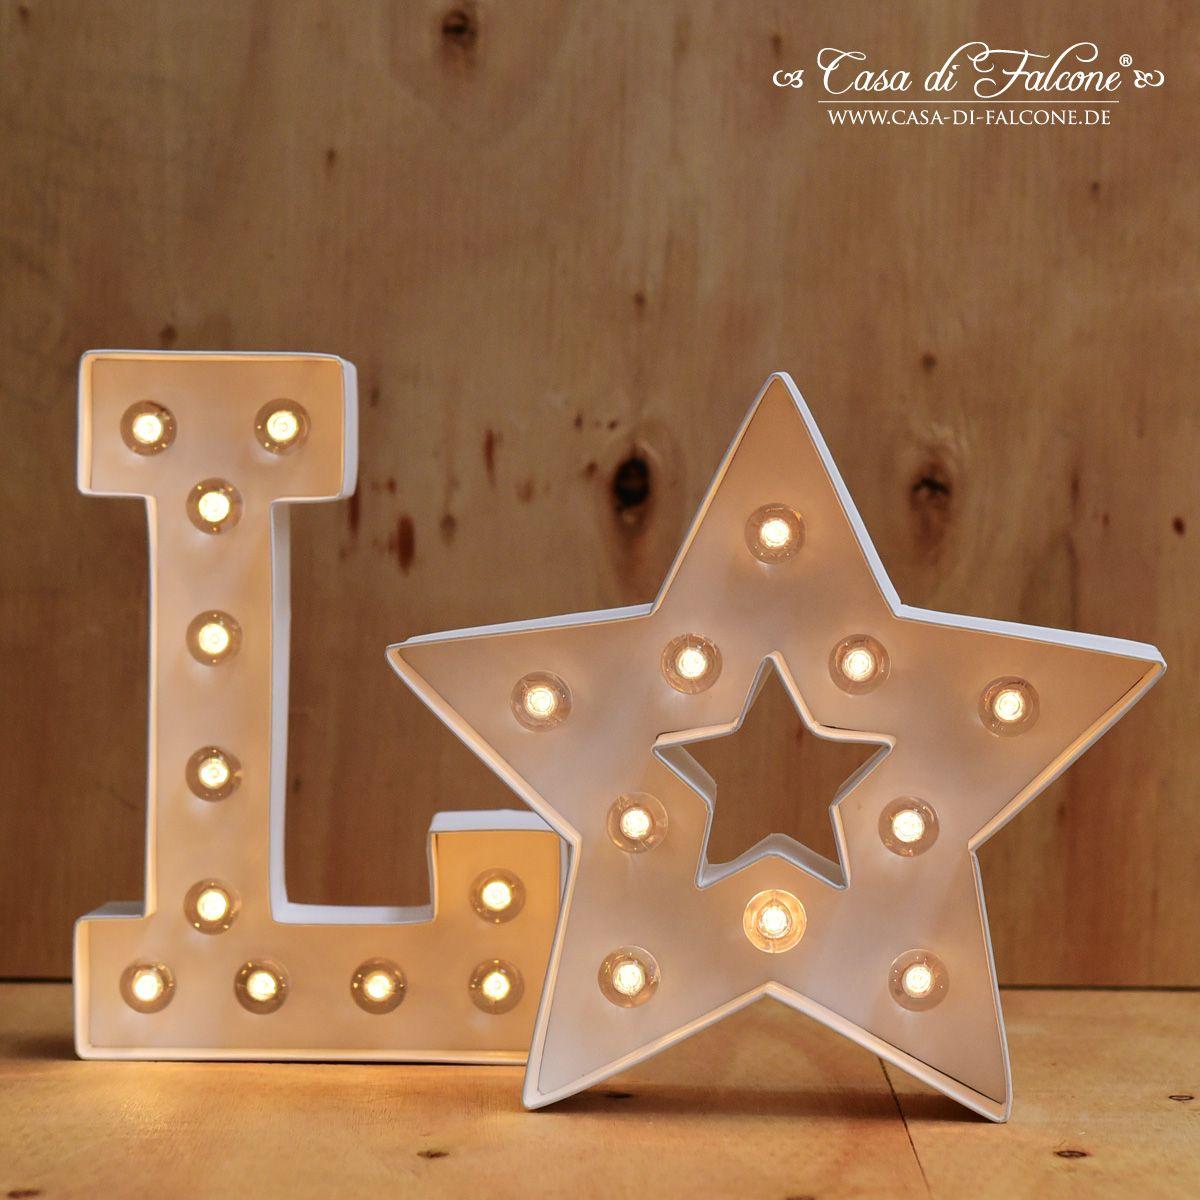 led leuchtbuchstaben für coole kinderzimmer deko | basteln ... - Coole Kinderzimmer Deko